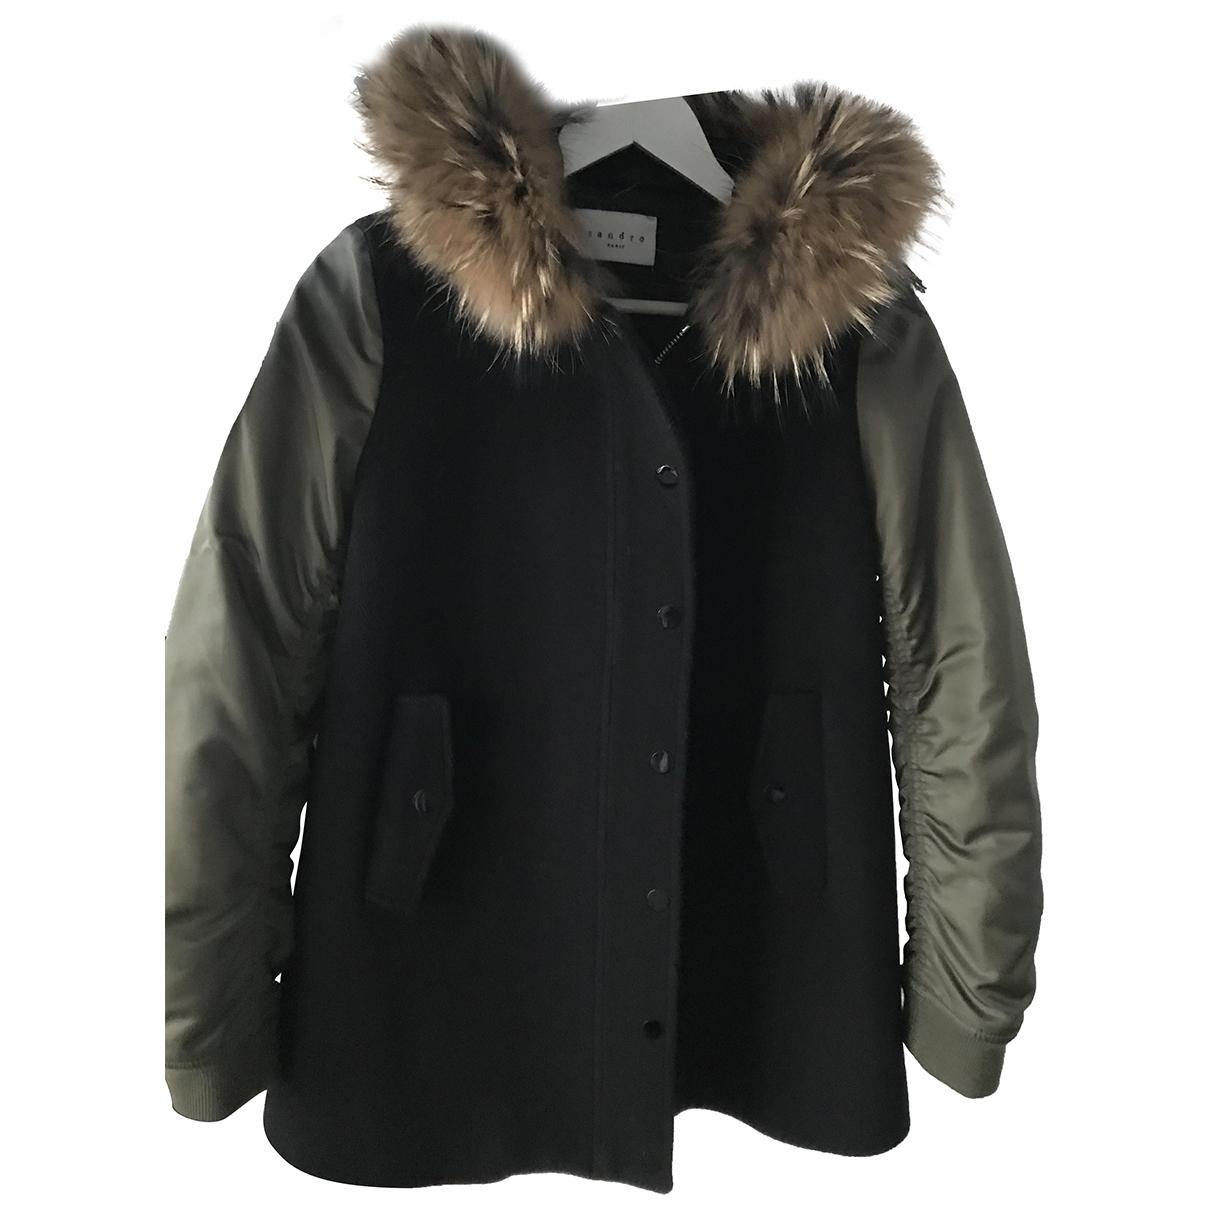 Sandro \N Black Wool coat for Women 1 0-5